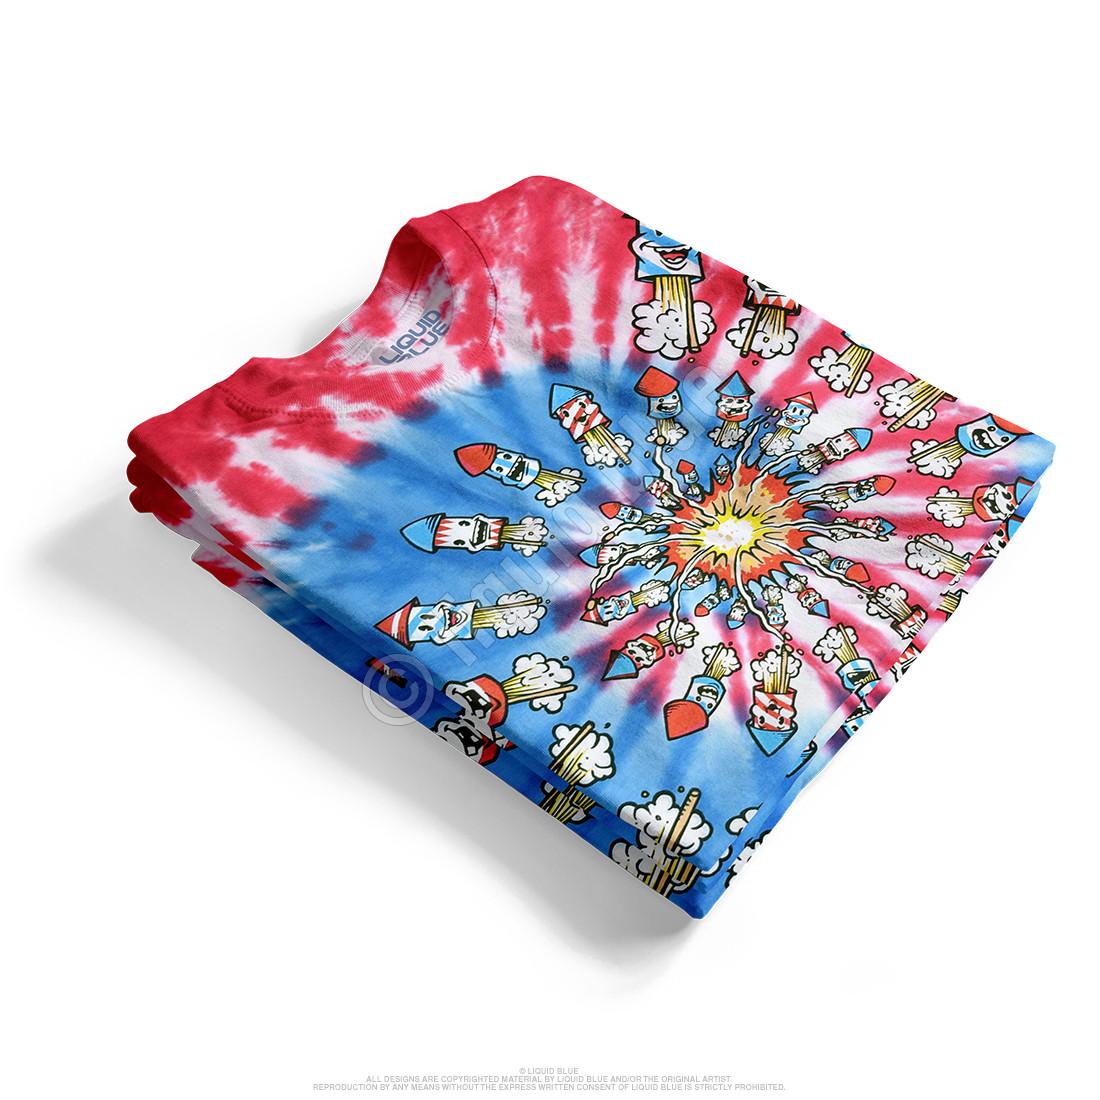 Fireworks Spiral Tie-Dye T-Shirt